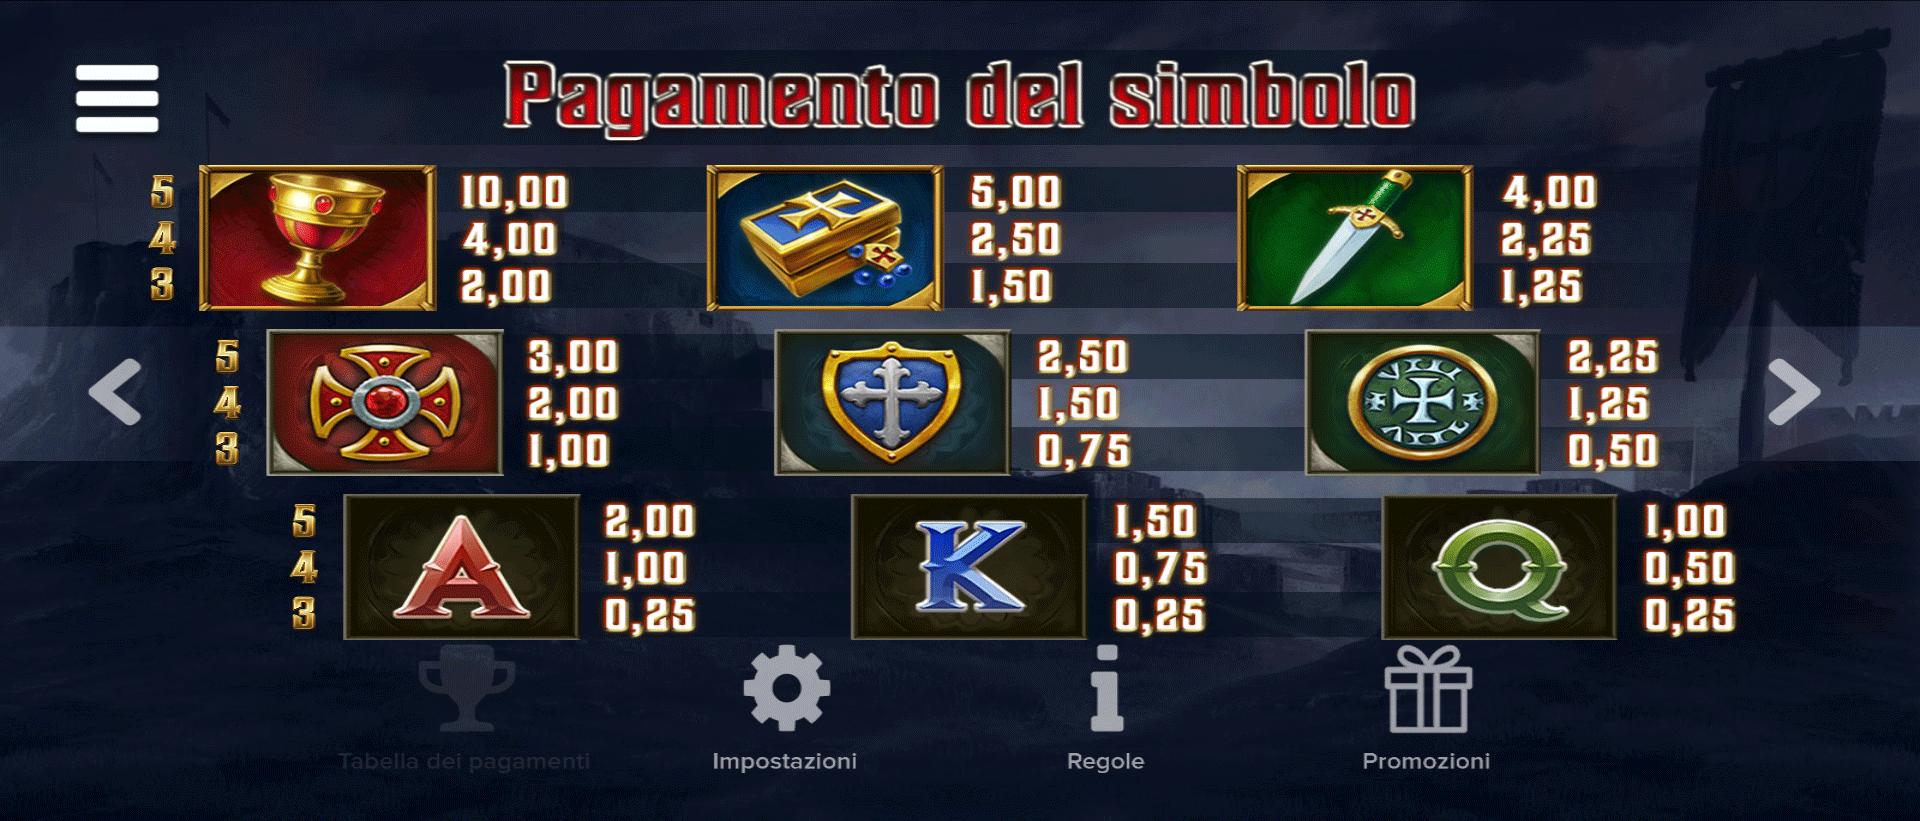 tabella dei simboli della slot online crusader